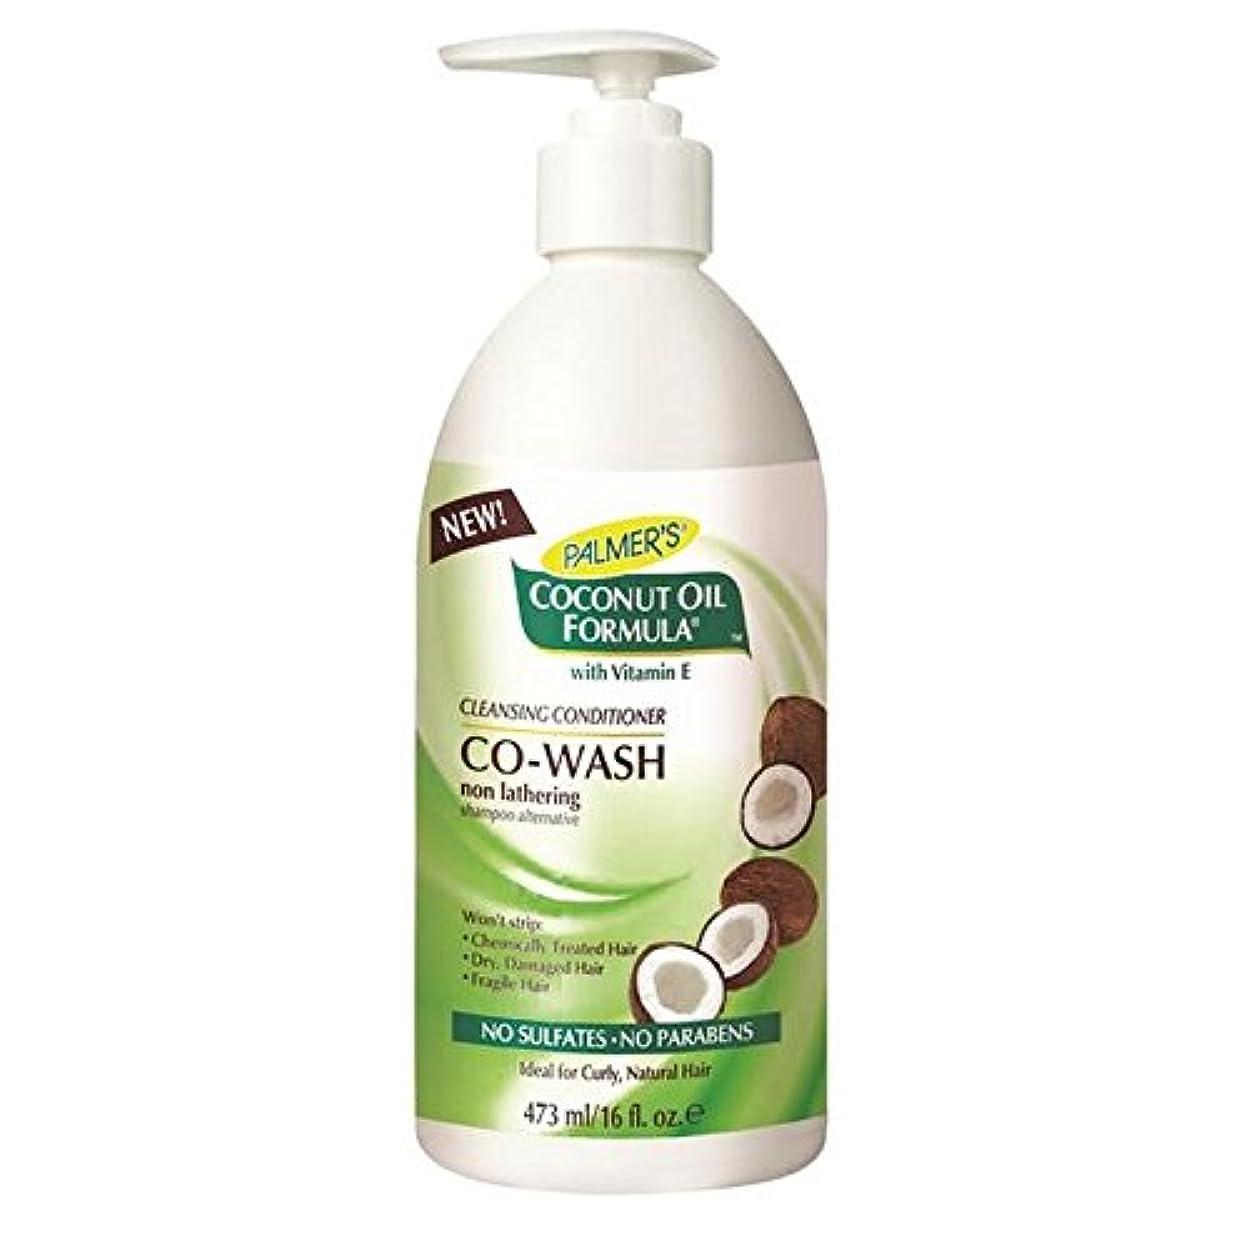 マット伝統悪行パーマーのココナッツ式コウォッシュクレンジングコンディショナー、シャンプー代替473ミリリットル x2 - Palmer's Coconut Formula Co-Wash Cleansing Conditioner, Shampoo Alternative 473ml (Pack of 2) [並行輸入品]